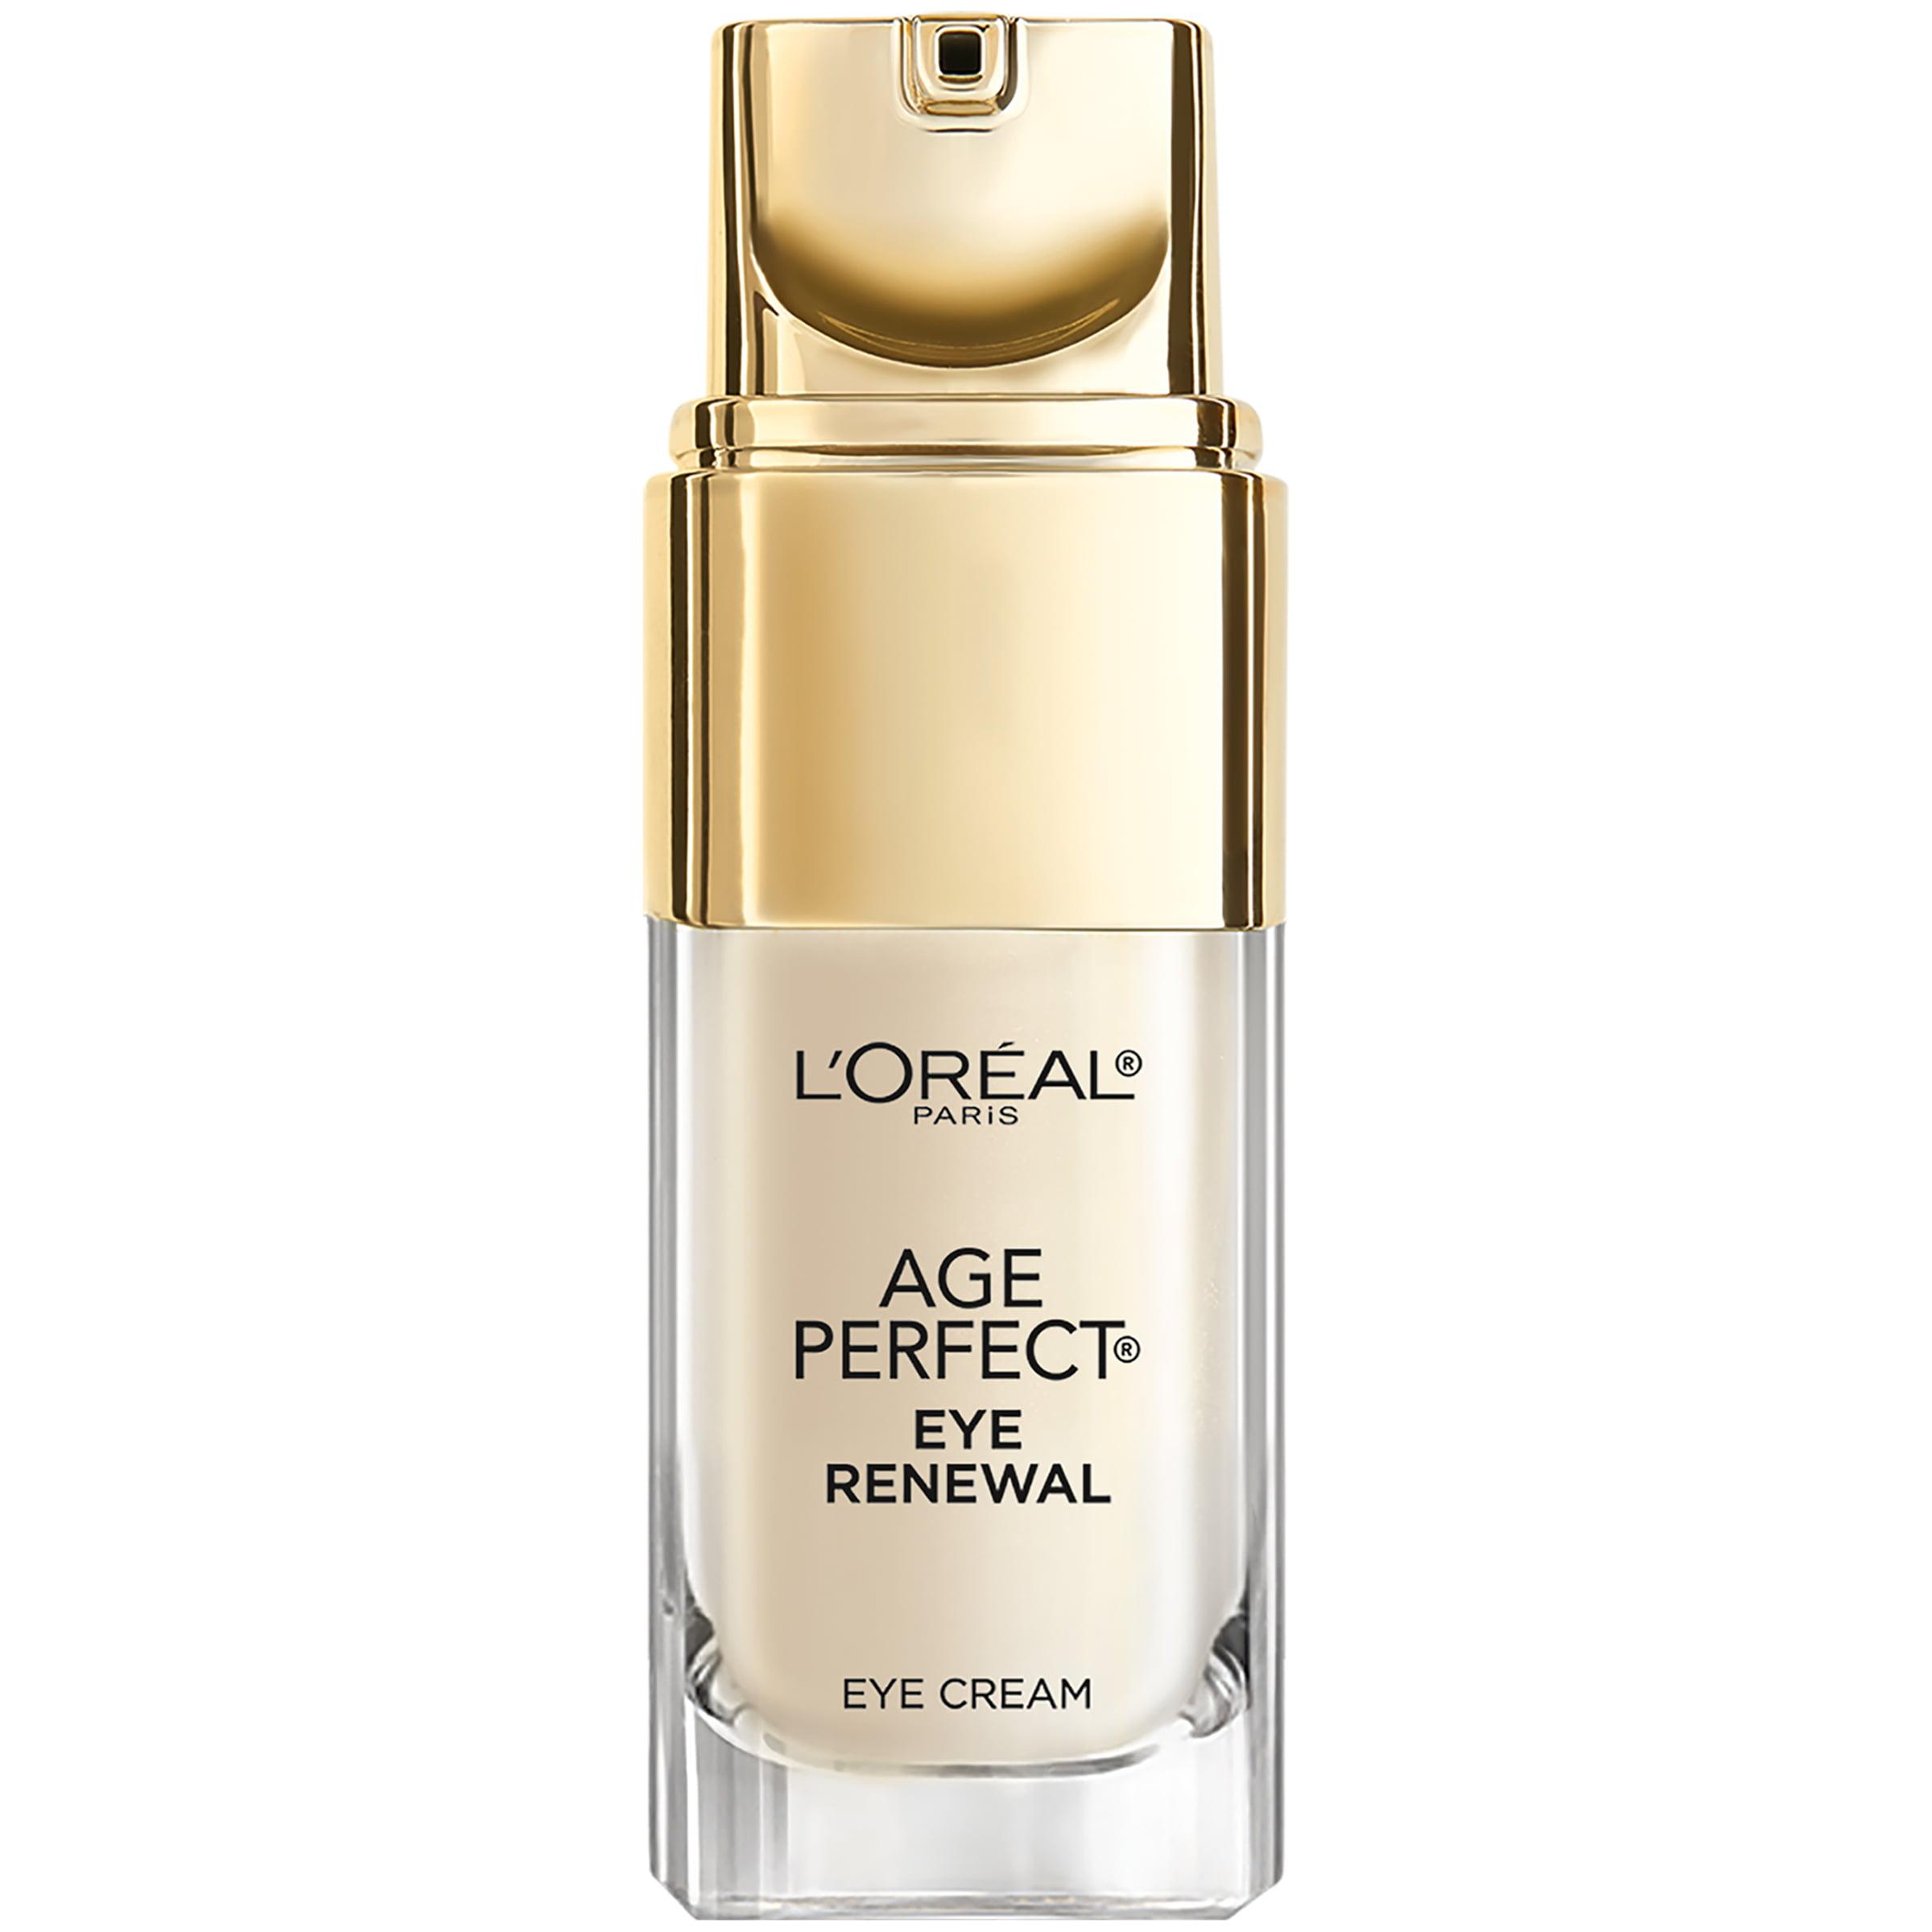 LOreal Paris Extraordinary Facial Oil 30ml • See Price